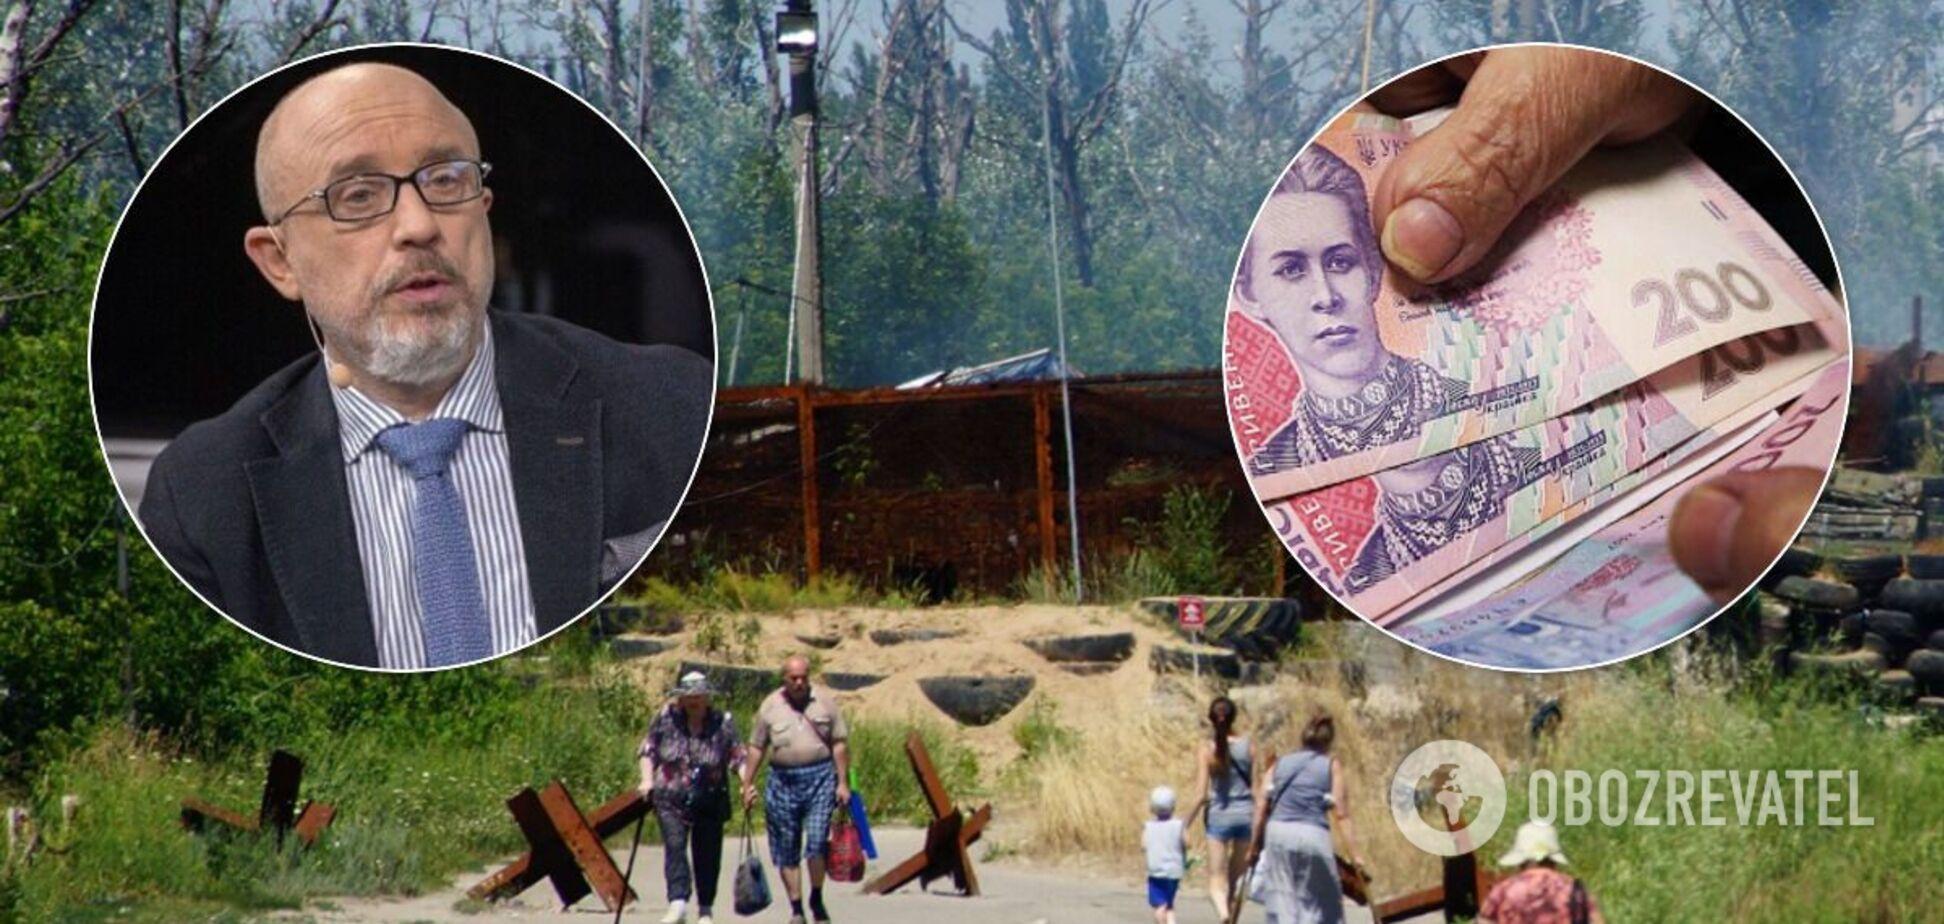 Резніков заявив, що на Донбасі хочуть створити економічне диво